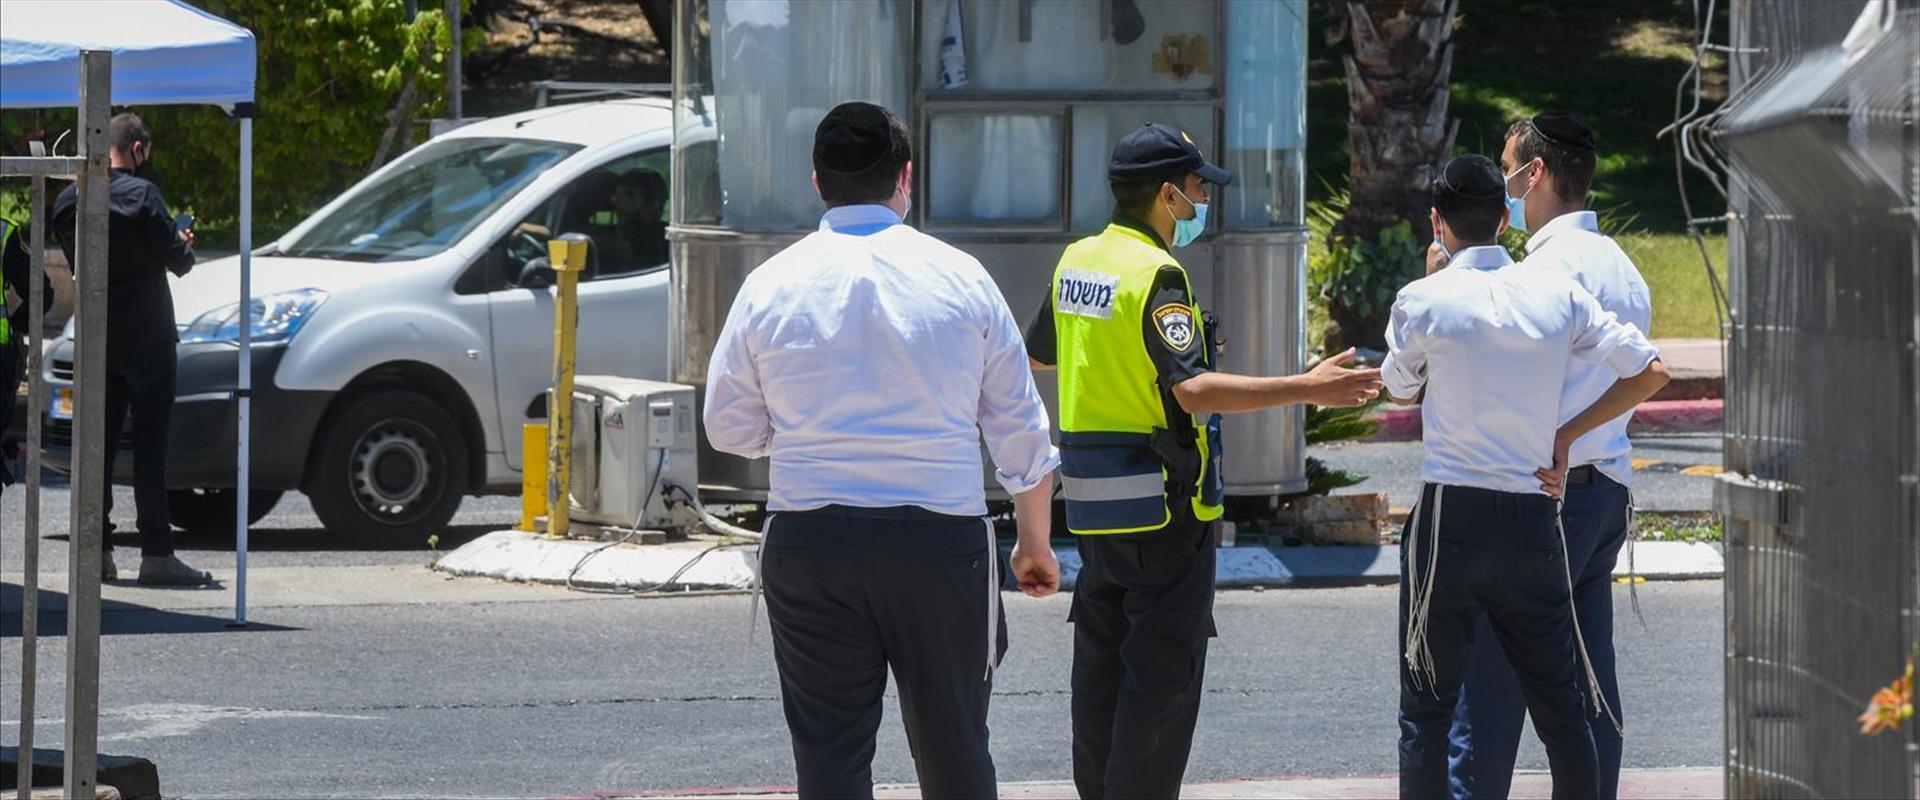 שוטרים בכניסה לאלעד כשהייתה תחת סגר, 24.06.20